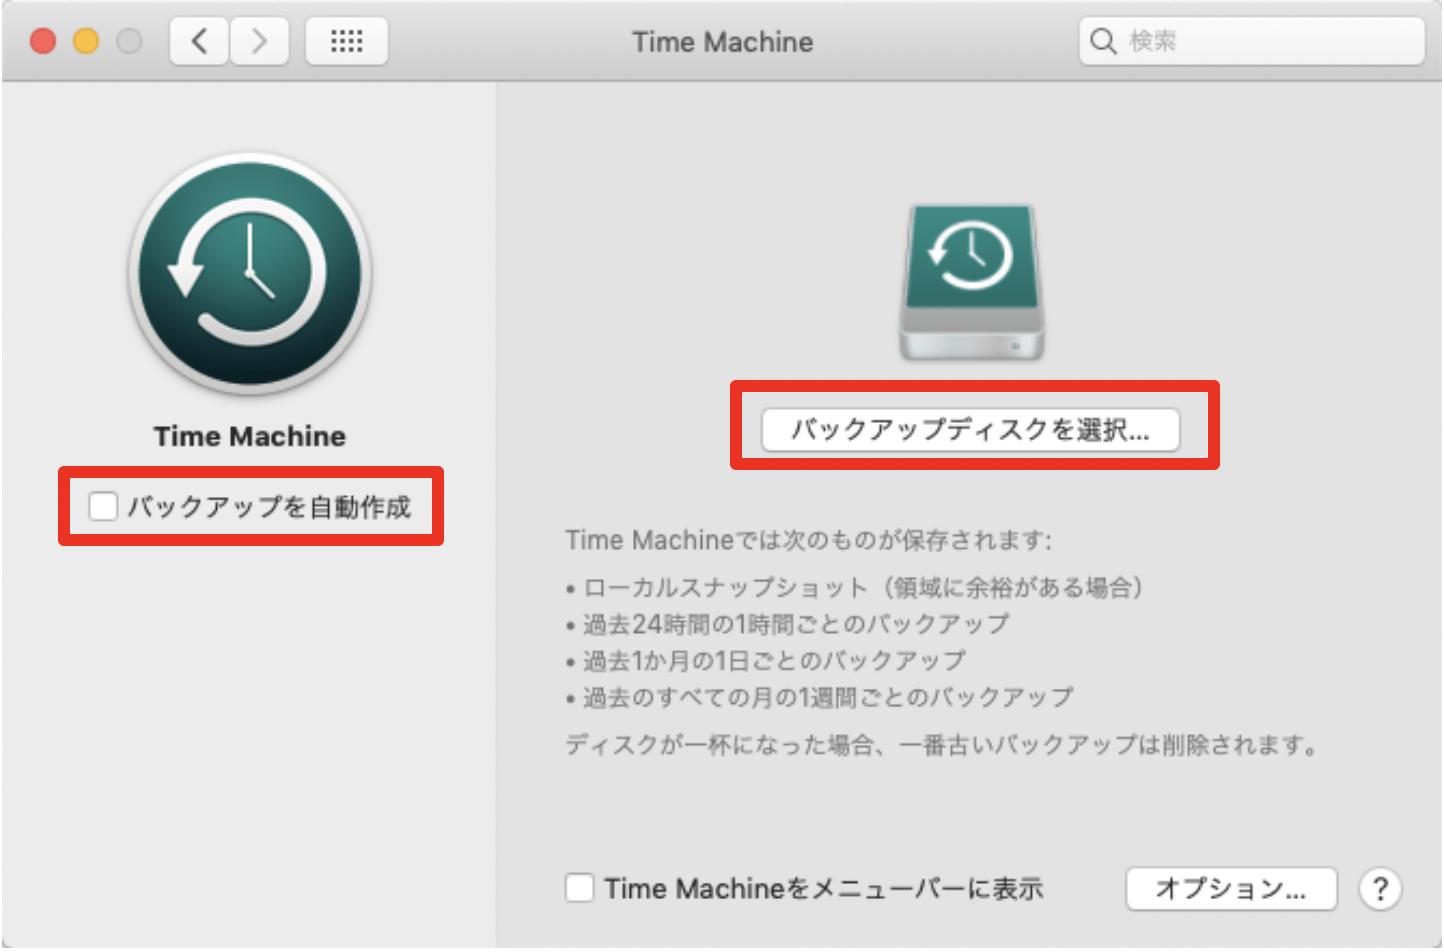 「バックアップを自動作成」チェックまたは「バックアップディスクを選択」ボタンをクリック